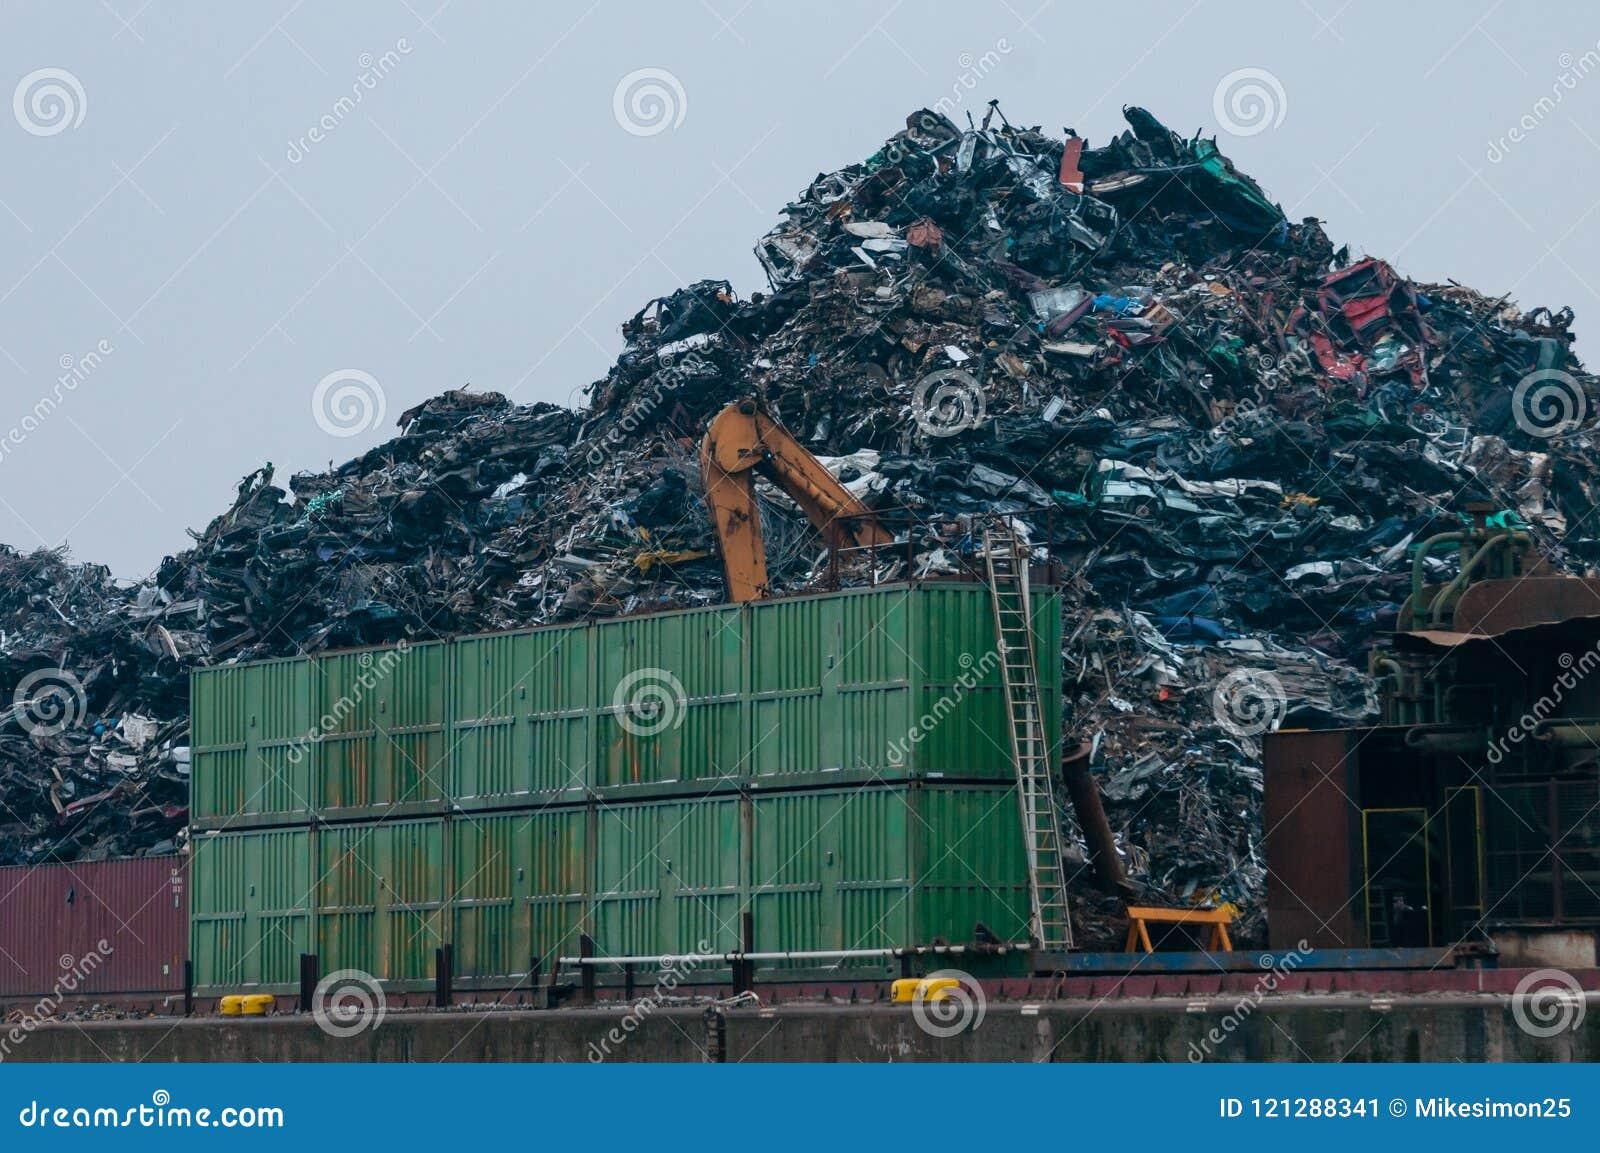 Hamburg Tyskland - Februari 23, 2014: Sikt på terminalen för last i stora partier av europeisk metallåtervinning i Rosshaven